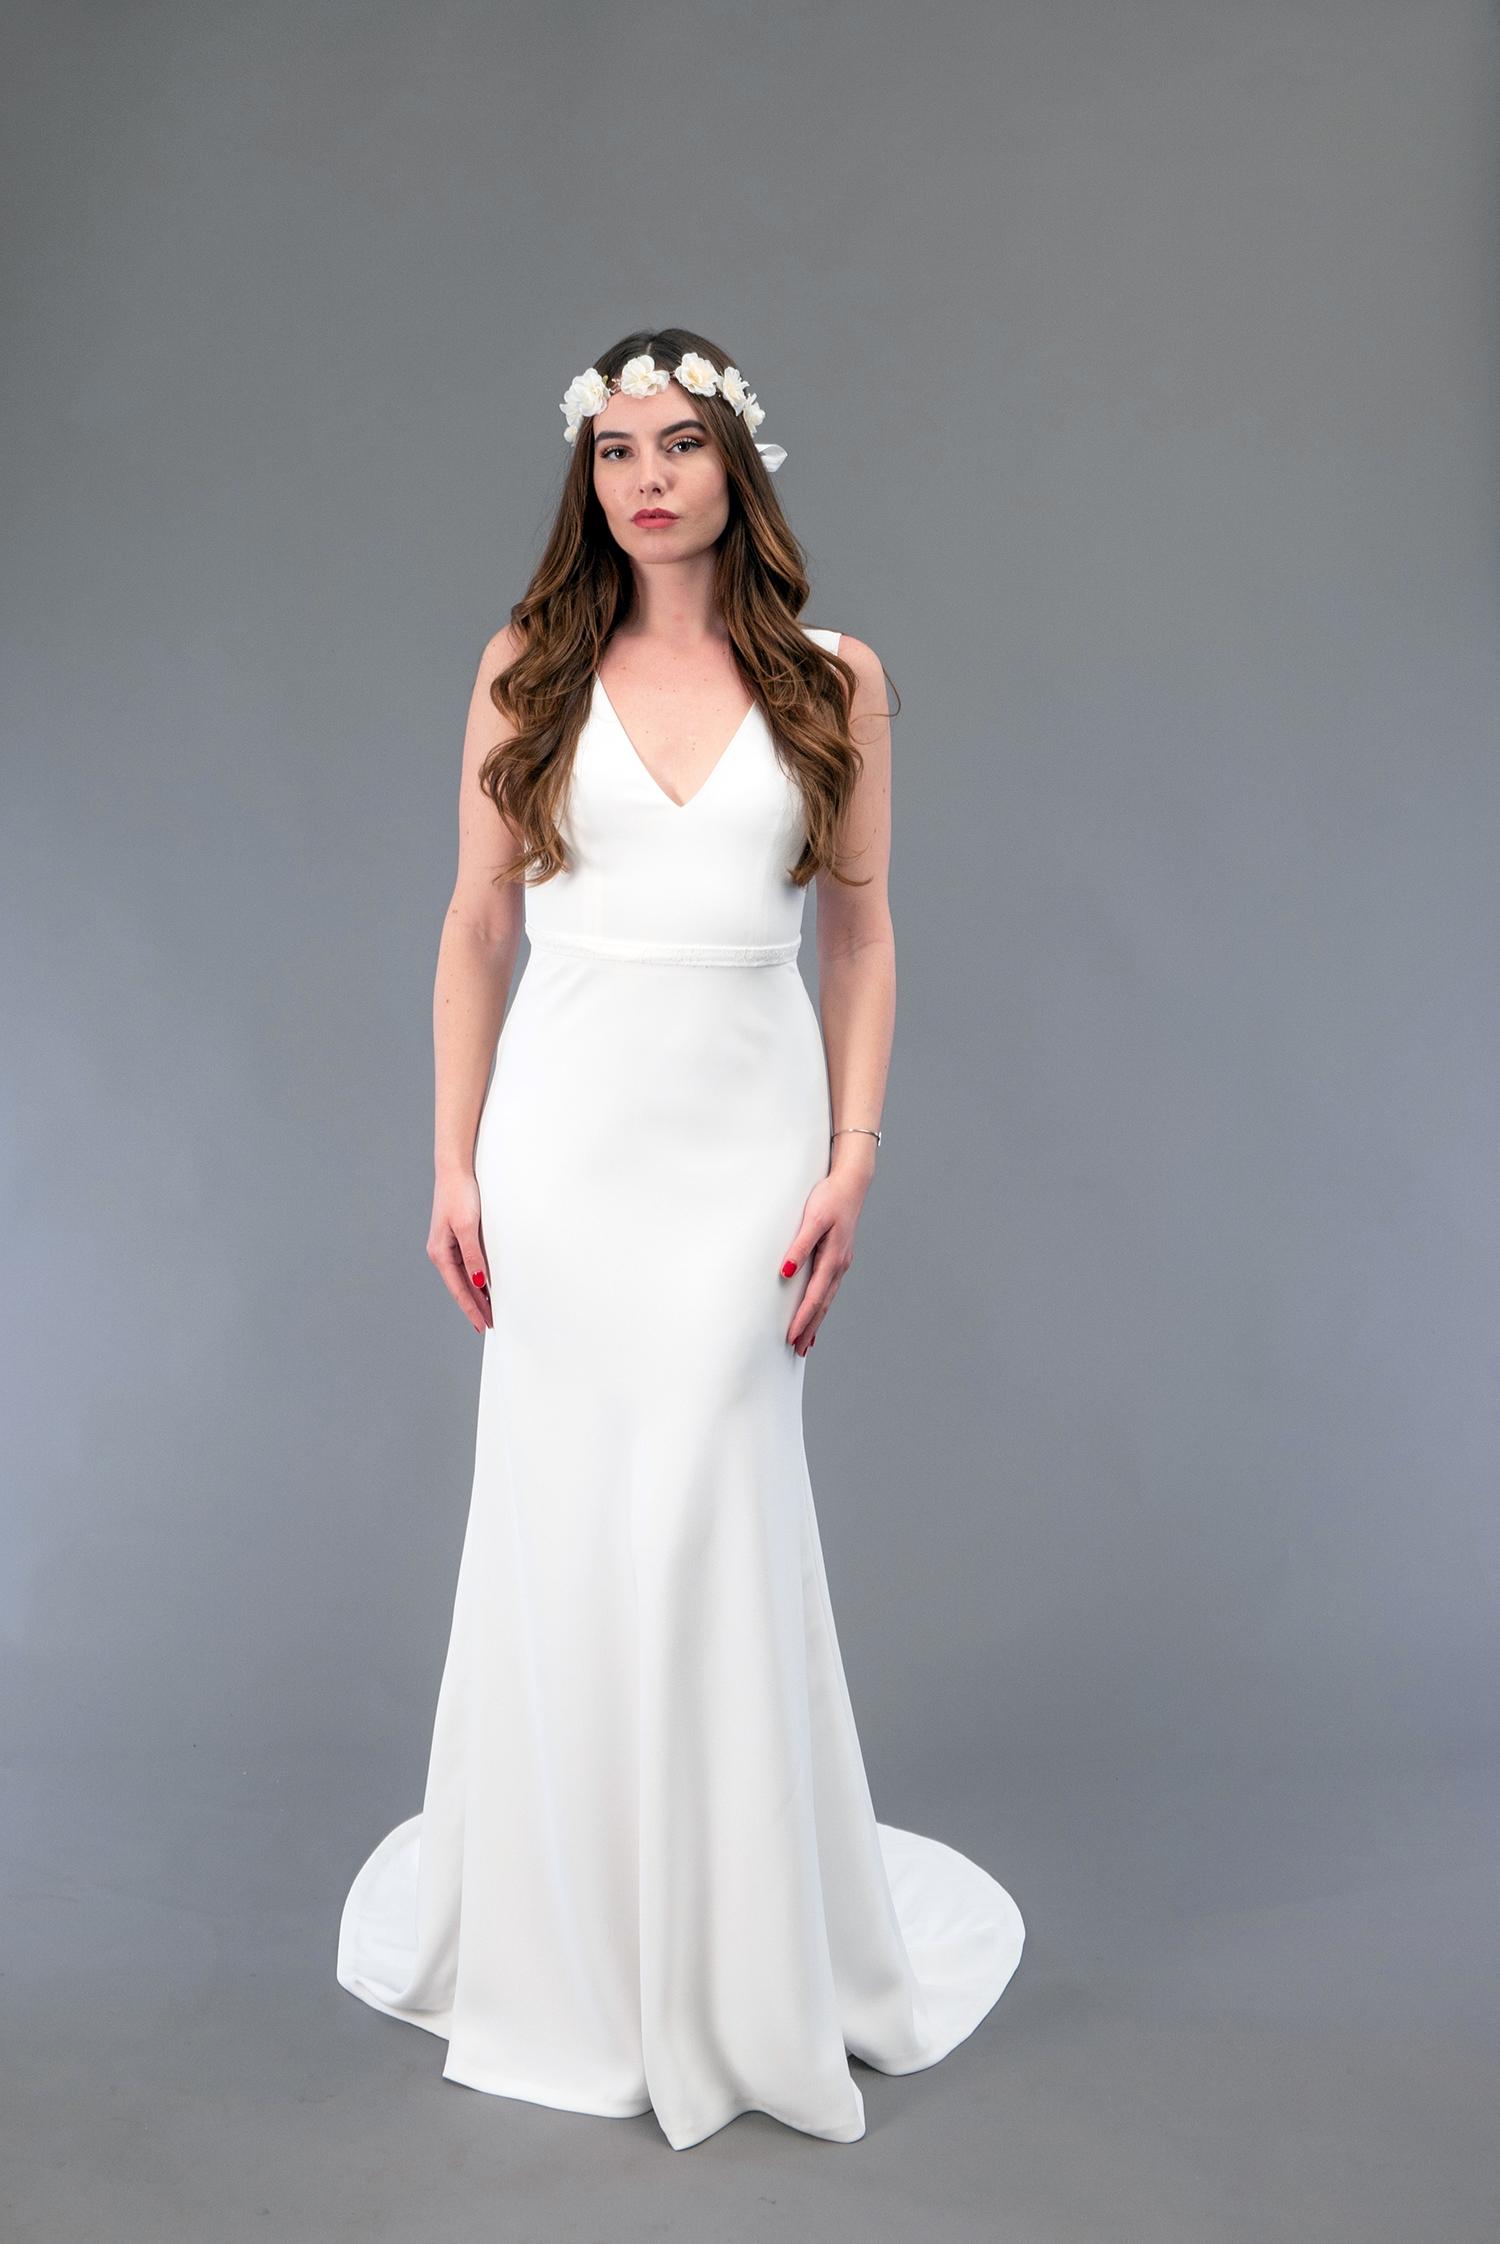 Robe de mariée à Marseille par Belle en soie Couture   robe Iris